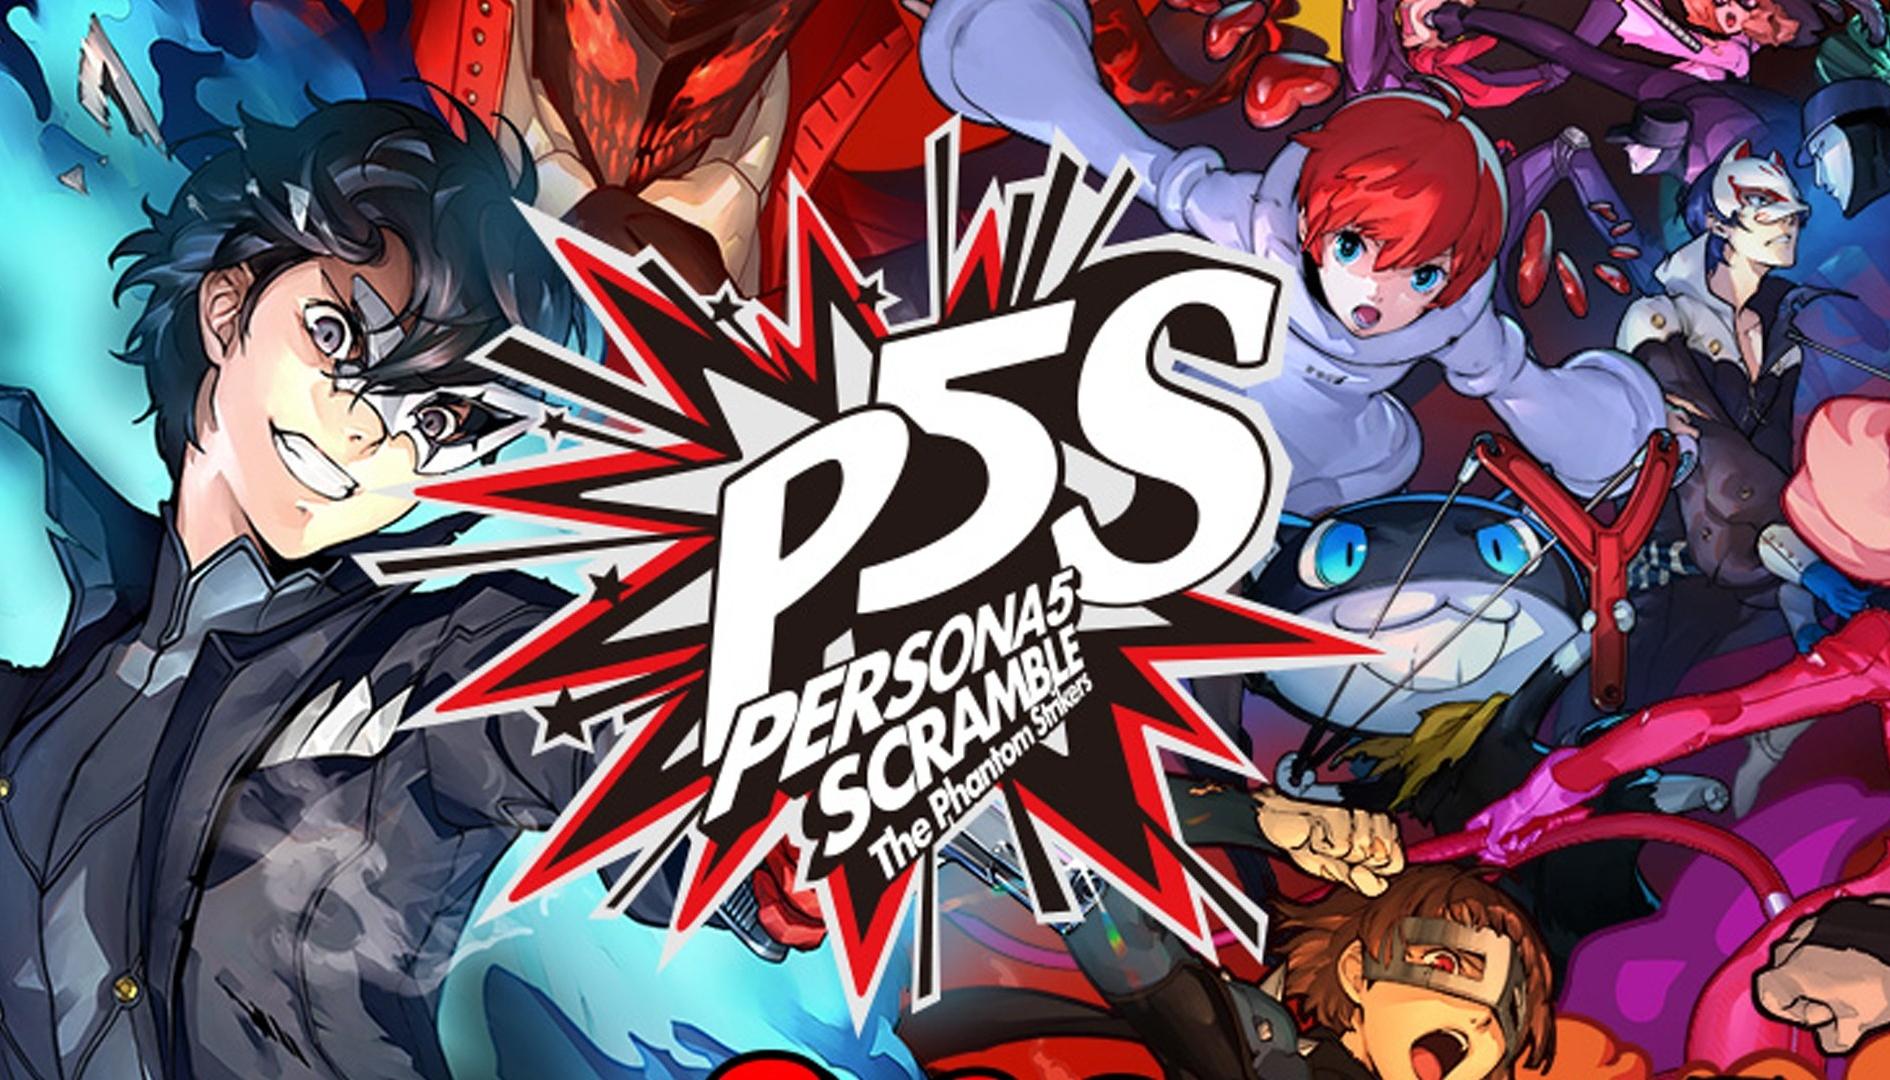 Persona 5 Scramble, non sarà necessario aver giocato prima Persona 5